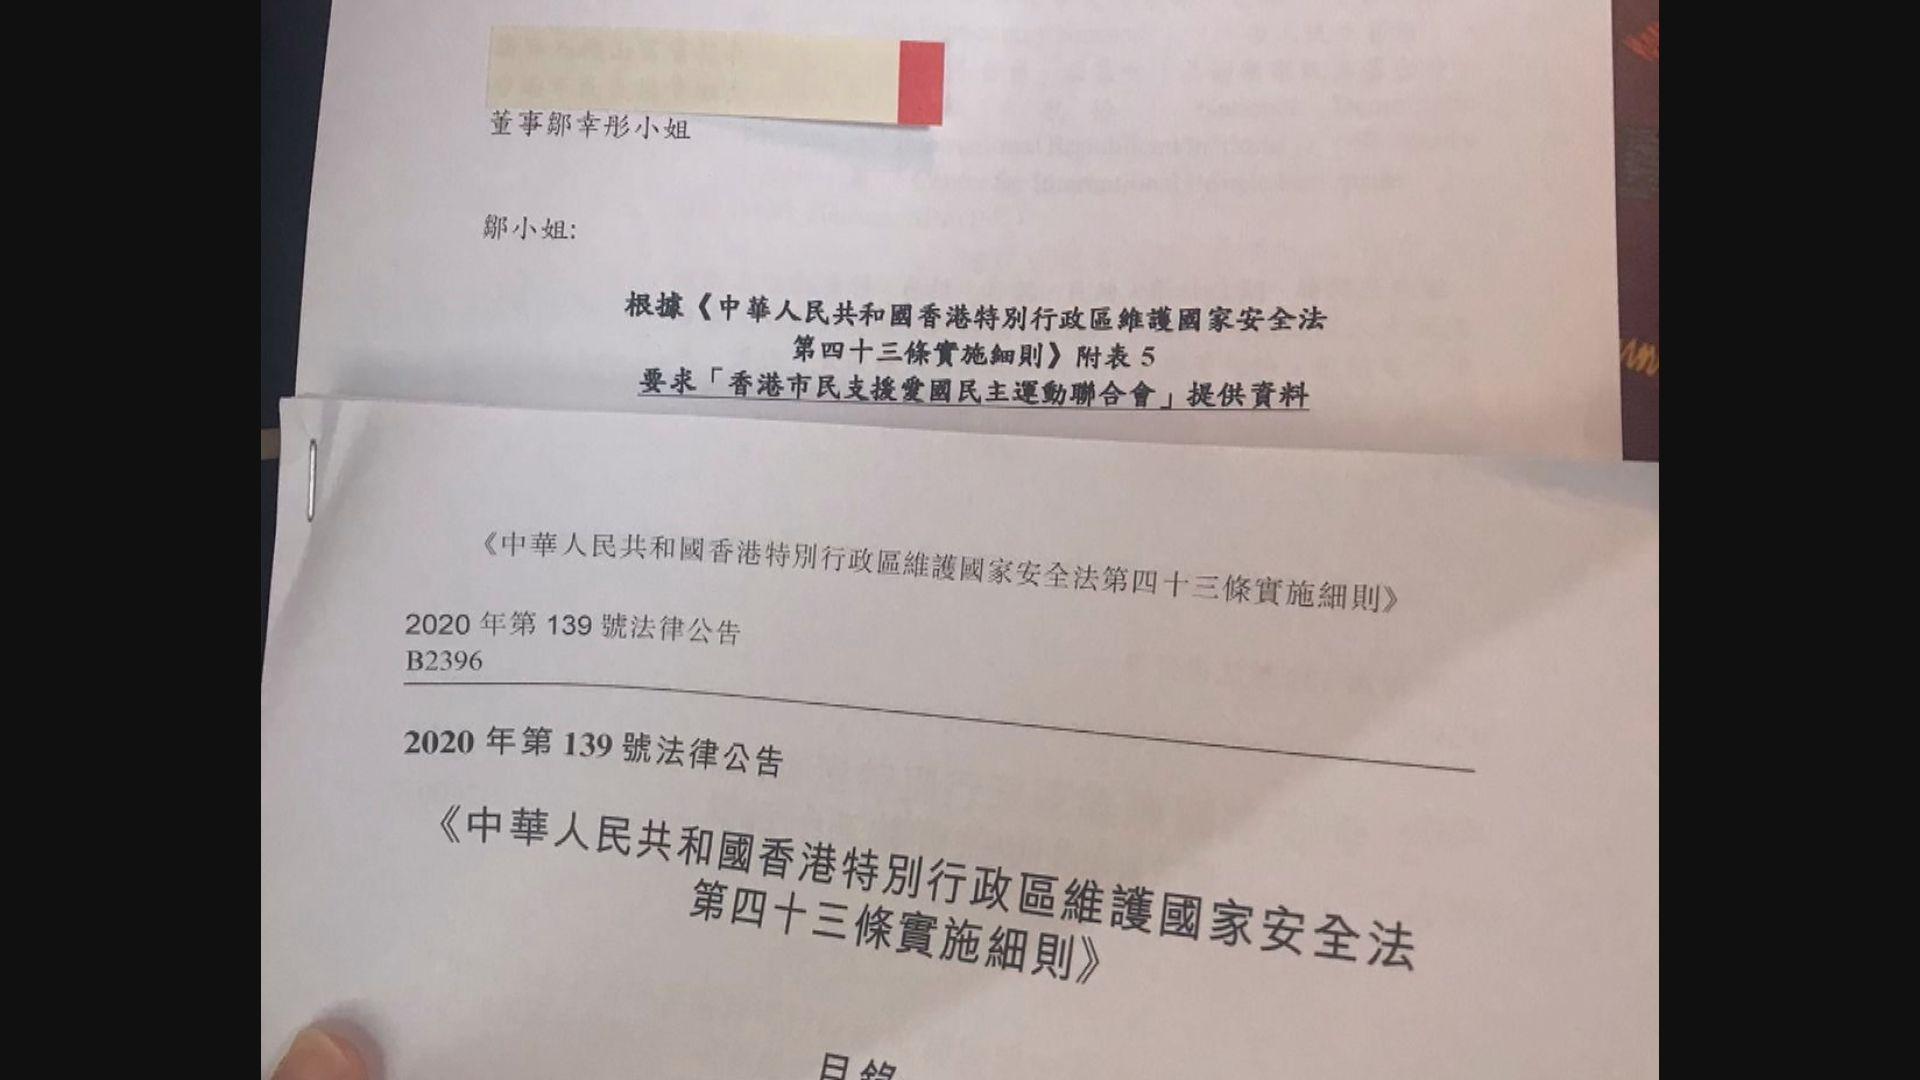 消息︰支聯會常委通過決議解散 接國安處要求交資料